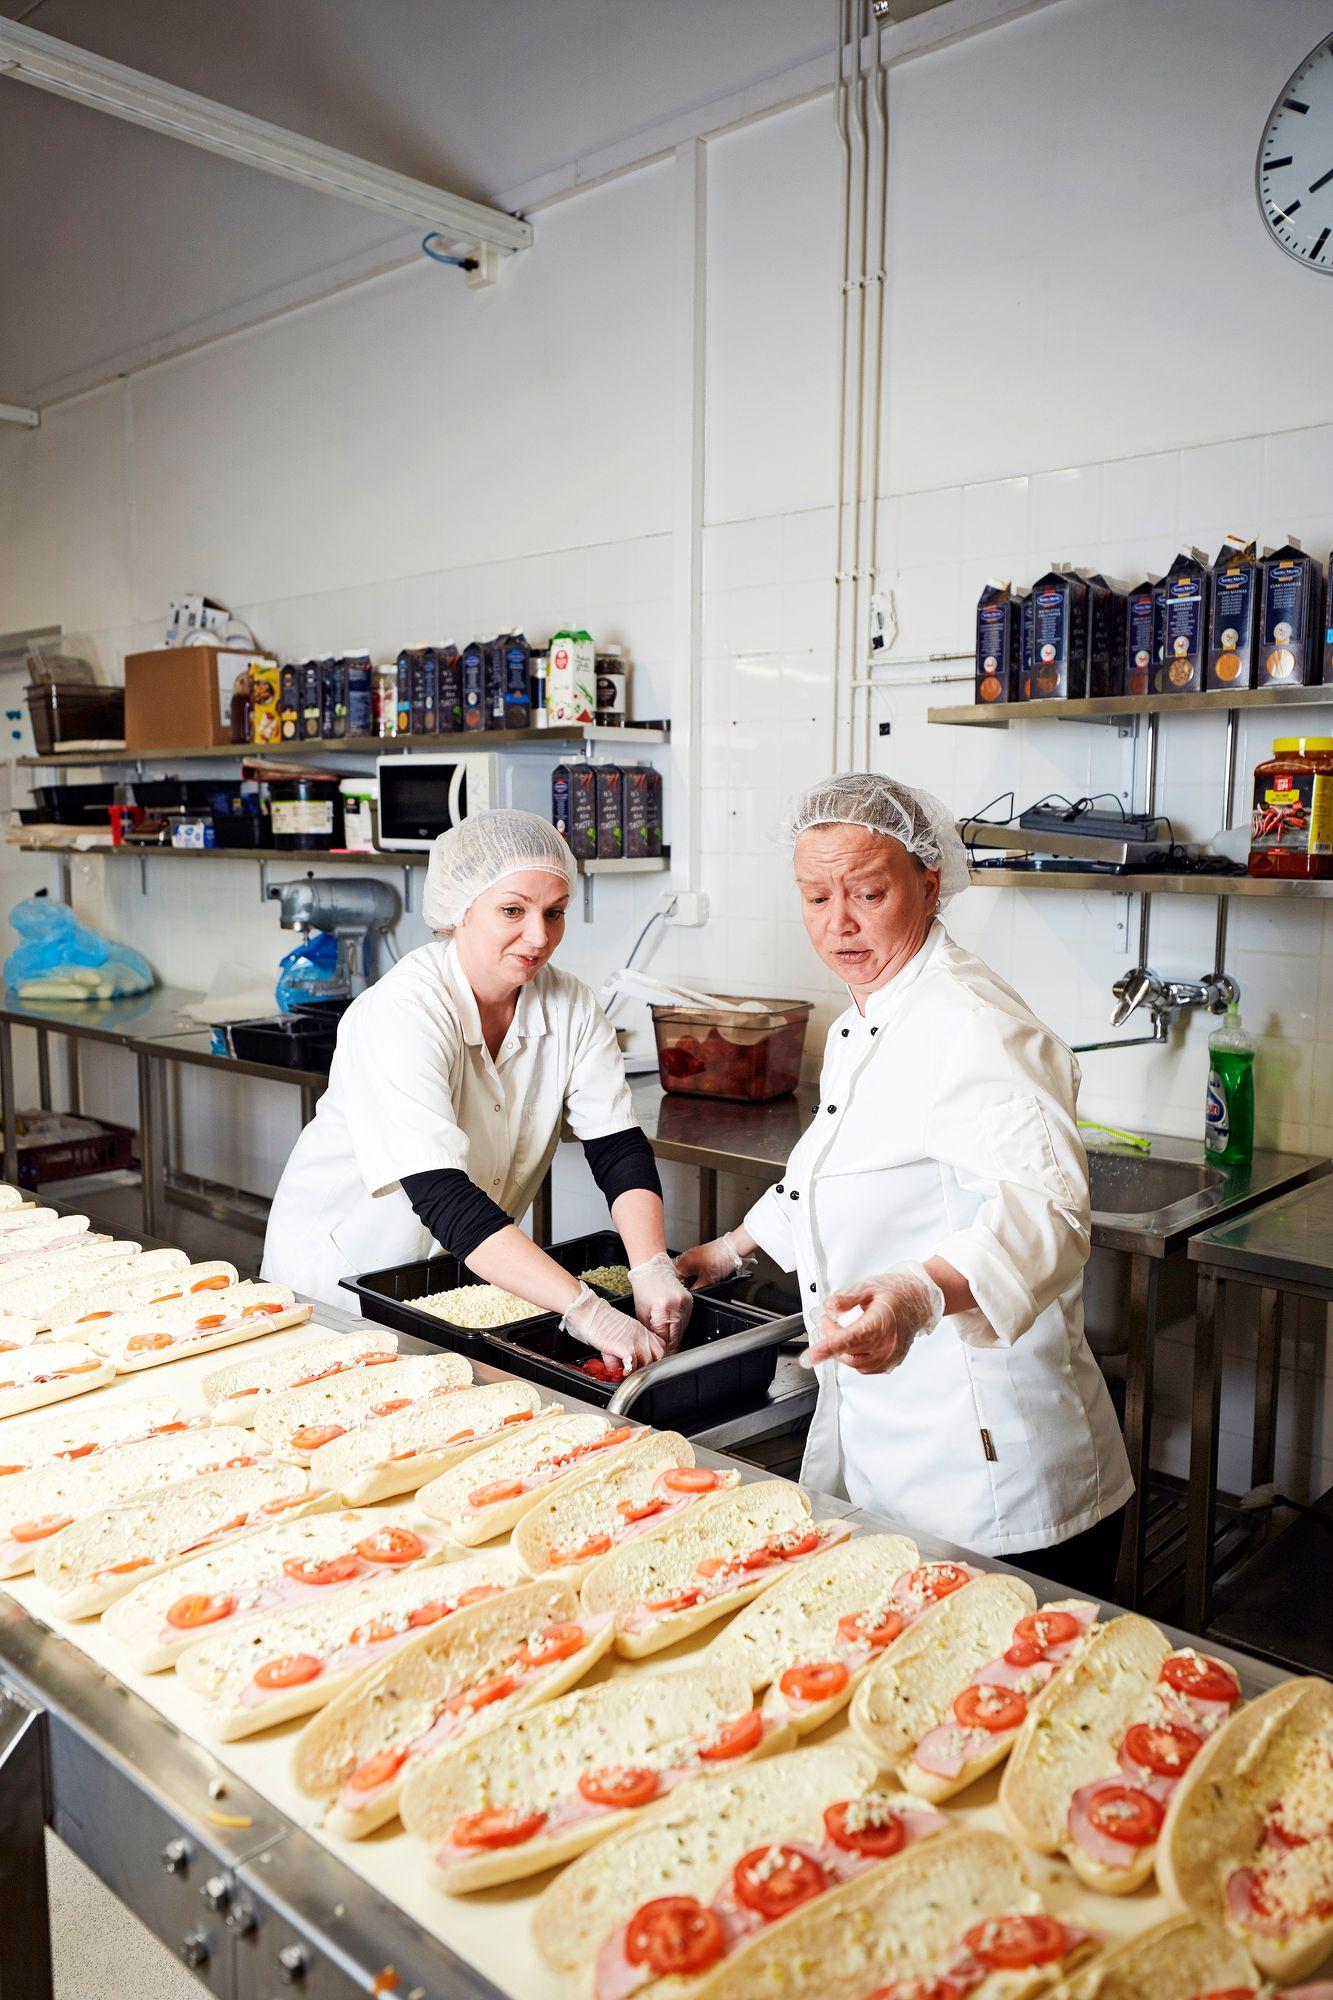 Paninien valmistus sujuu joutuisasti yhteispelillä. Mari Heiskanen (vas.) ja Tanja Tyni pitävät huolen, että jokainen panini sisältää sitä, mitä pitääkin. © Sara Pihlaja